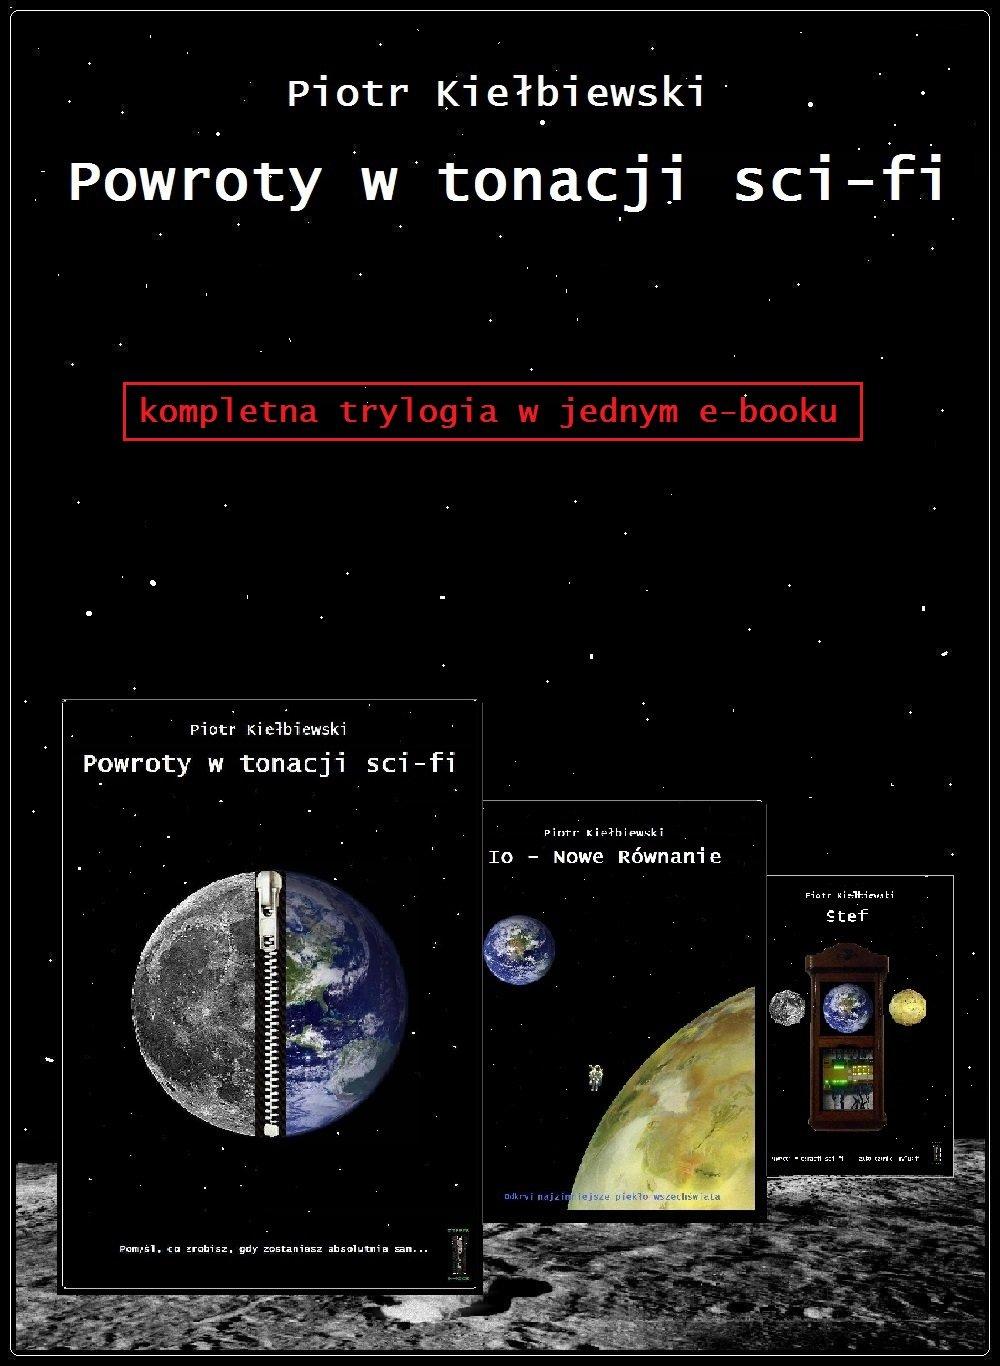 Powroty w tonacji sci-fi - trylogia - Ebook (Książka EPUB) do pobrania w formacie EPUB